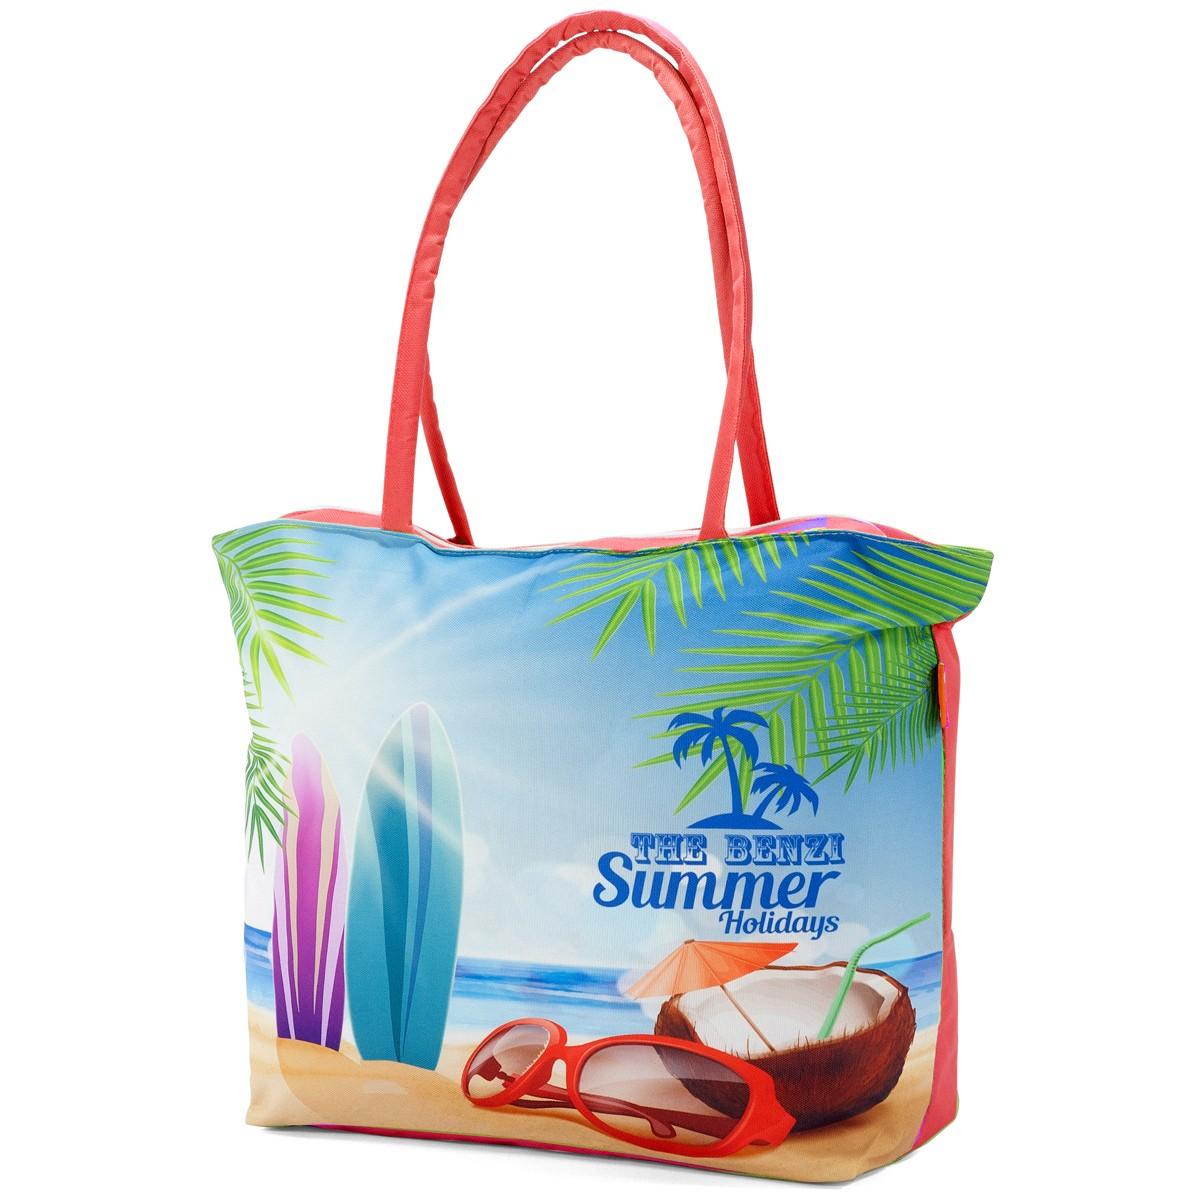 Τσάντα Παραλίας Benzi 5000 Red